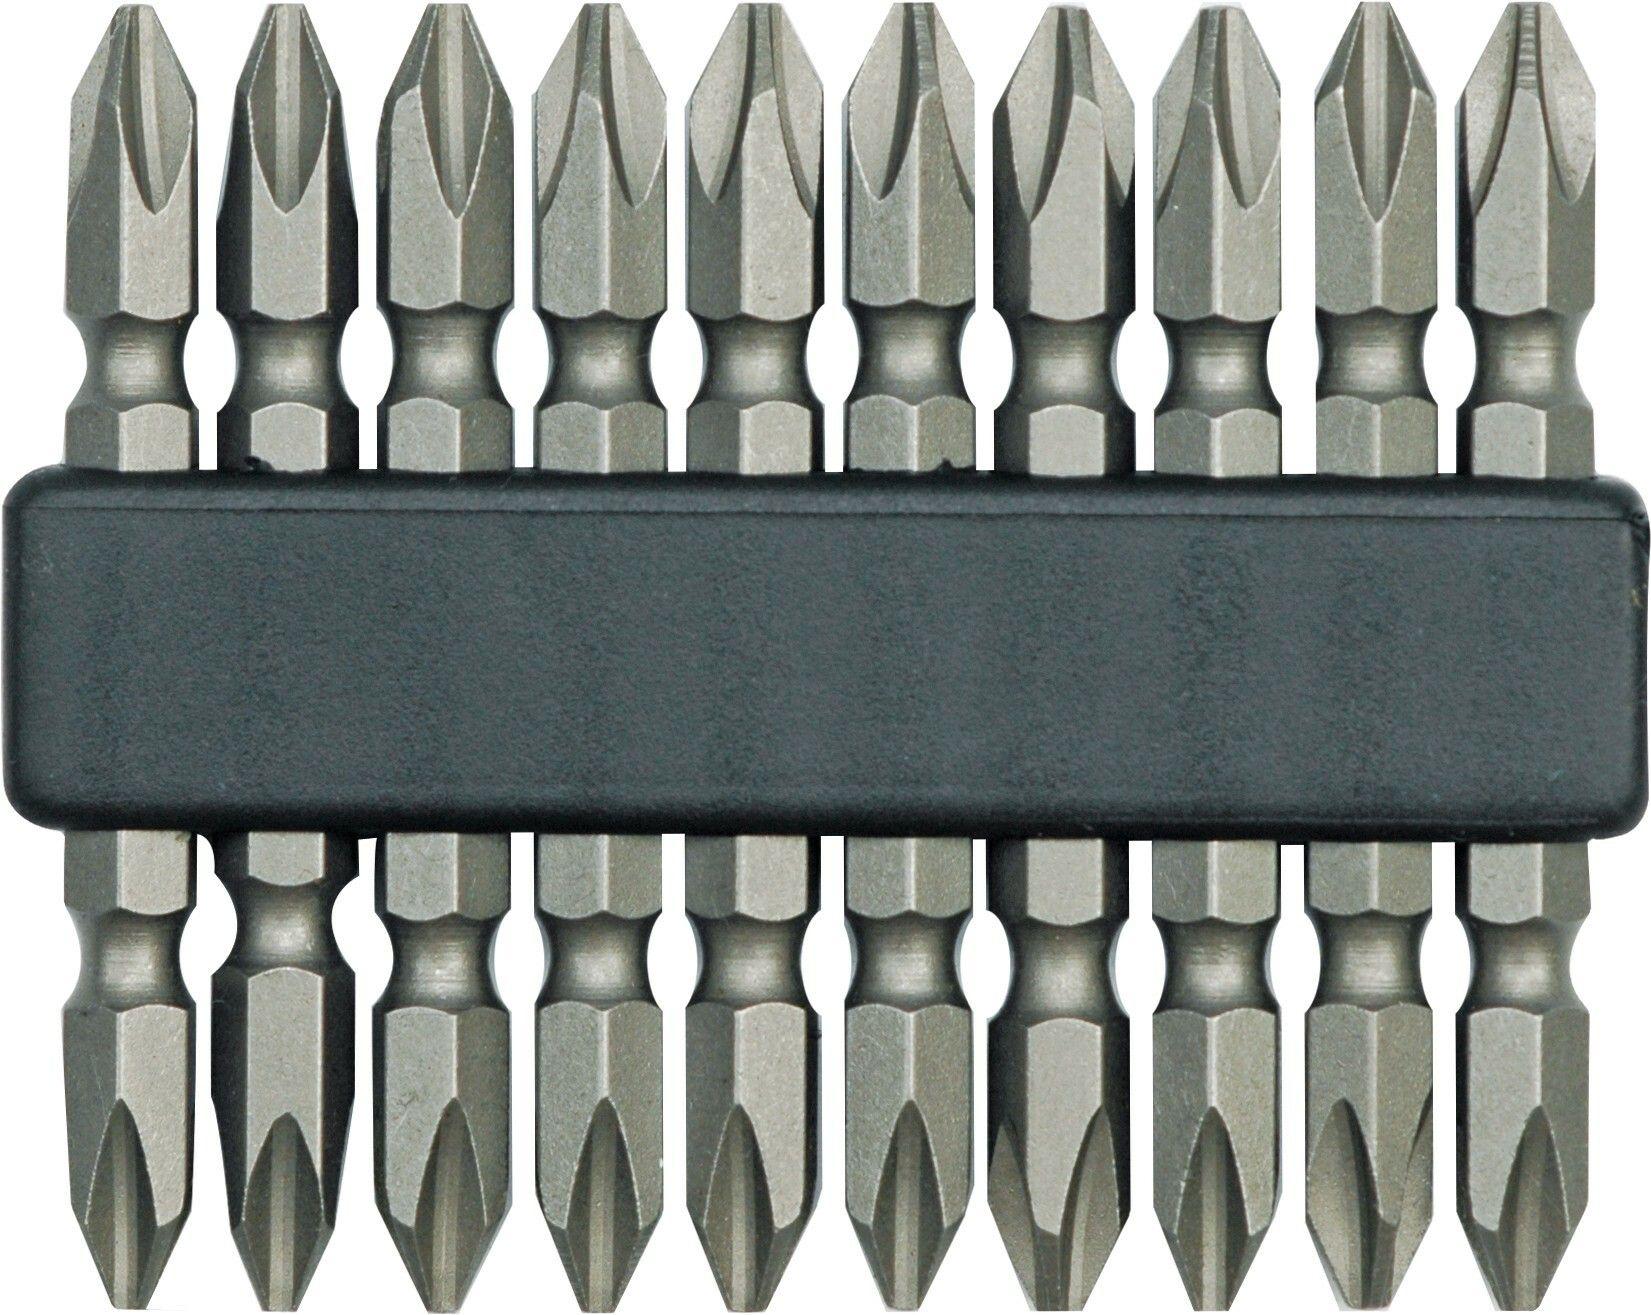 Bity křížové sada 10ks 2X60mm